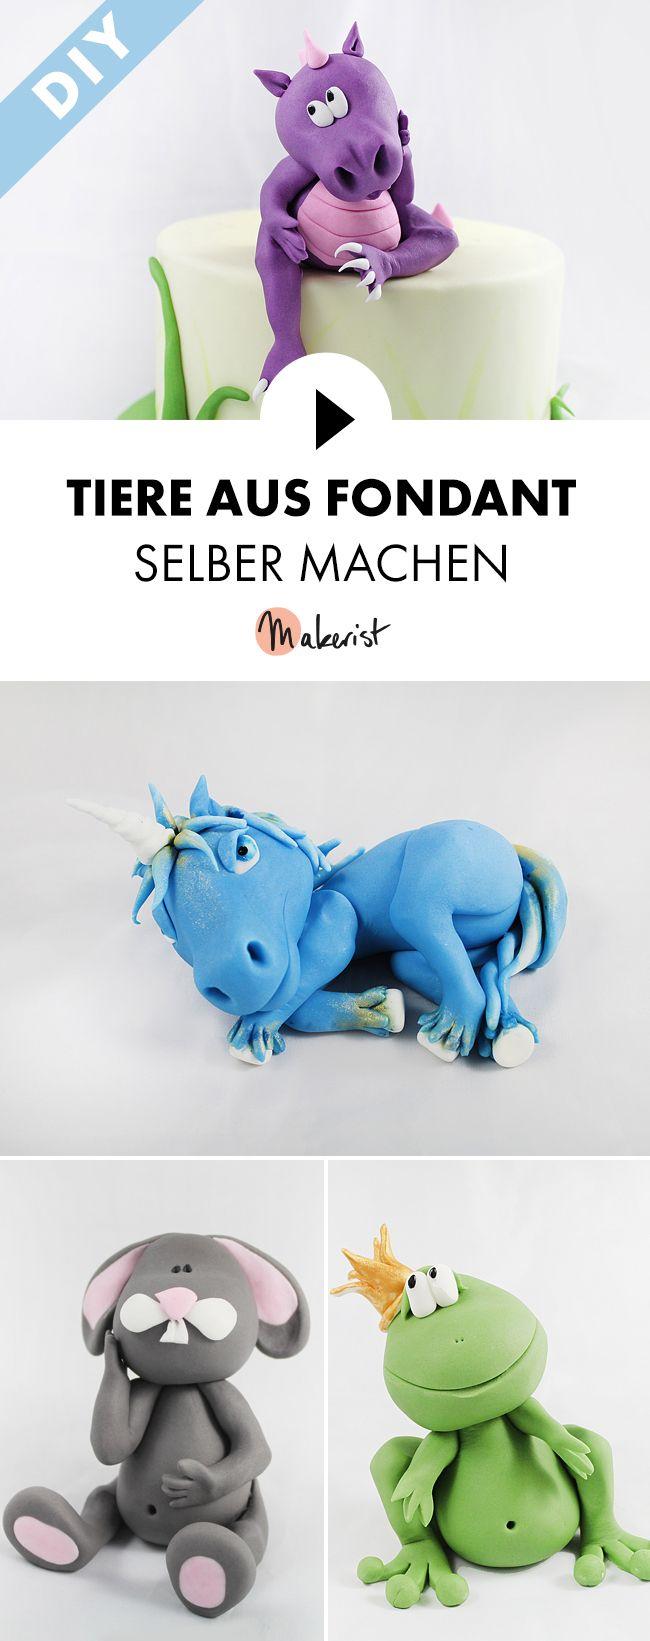 Modellieren von Tierfiguren mit Fondant als Caketopper zum Kindergeburtstag - Schritt für Schritt erklärt im Video-Kurs via Makerist.de #fondant